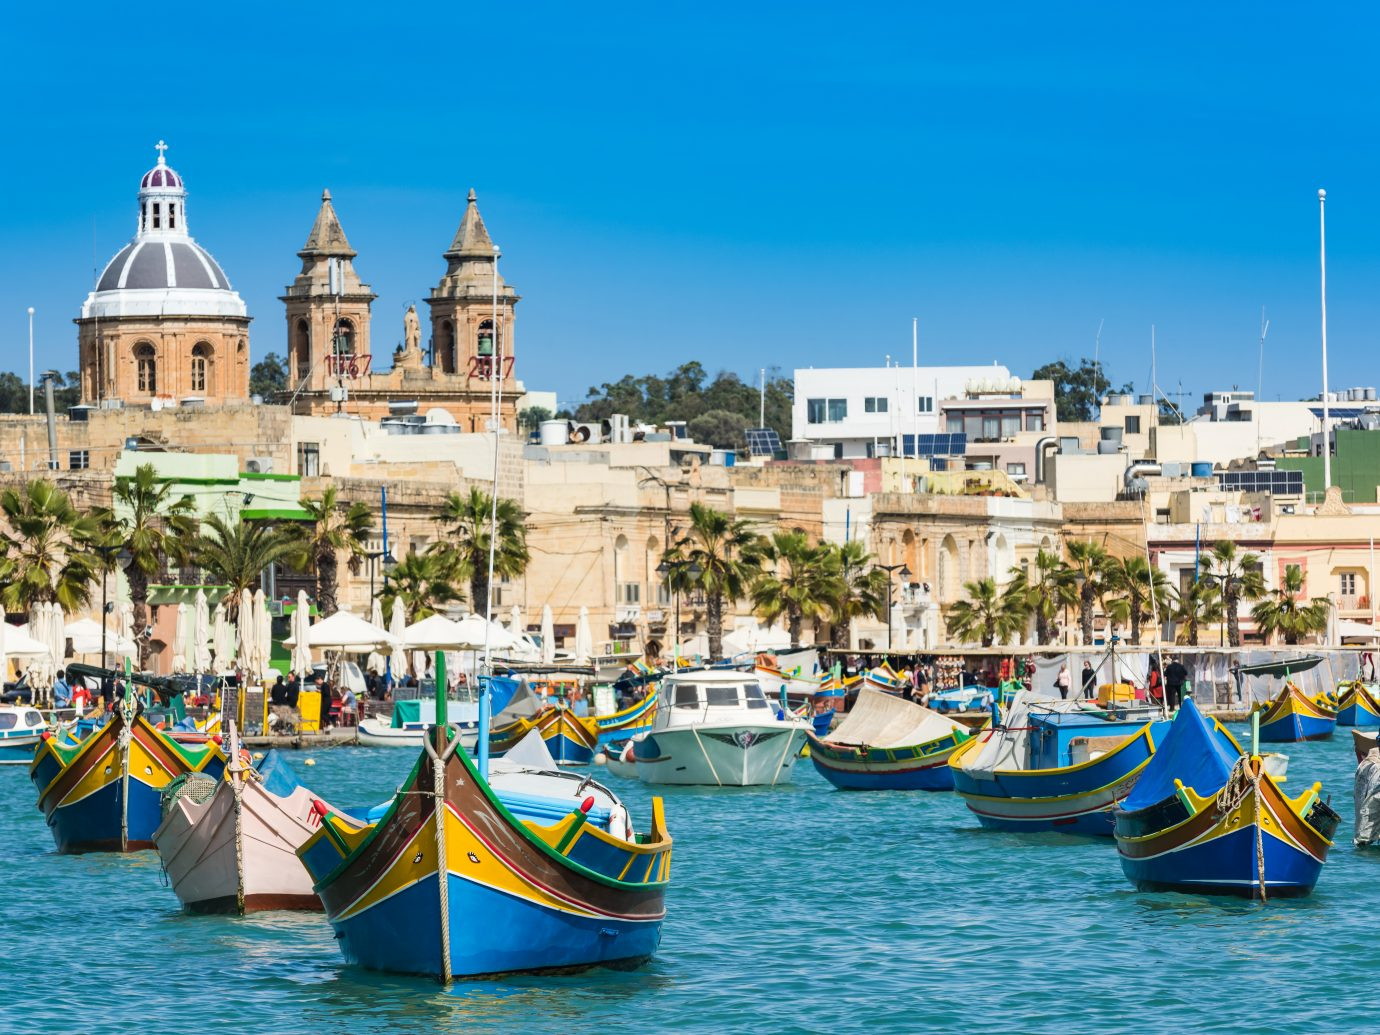 Vibrant fisherman boats in Malta.